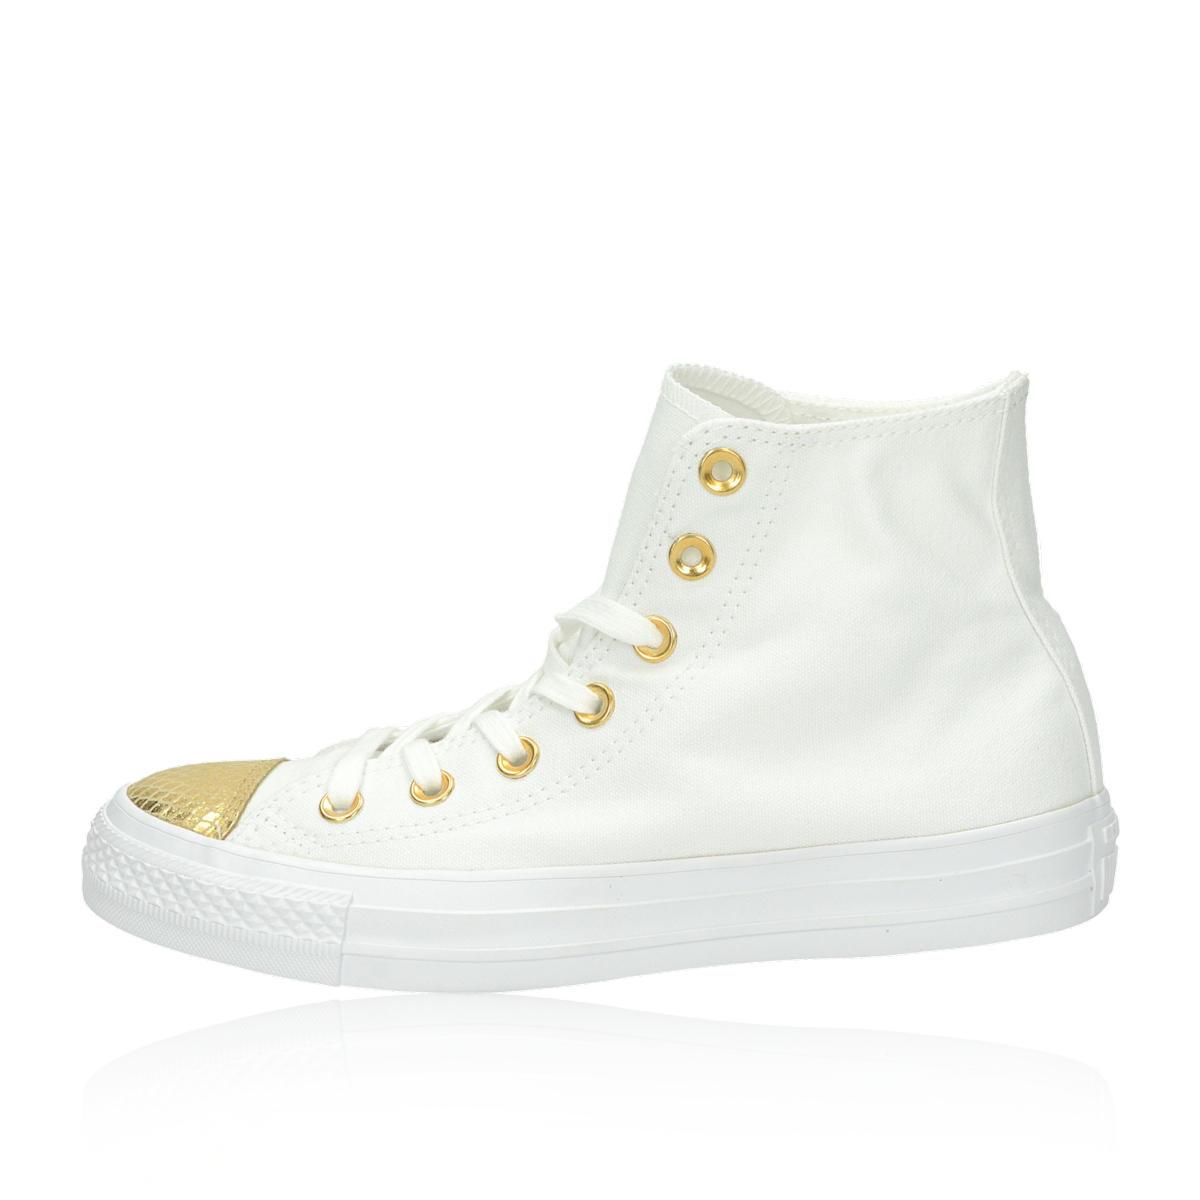 Converse dámské tenisky - bielozlaté Converse dámské tenisky - bielozlaté  ... 60af035d16